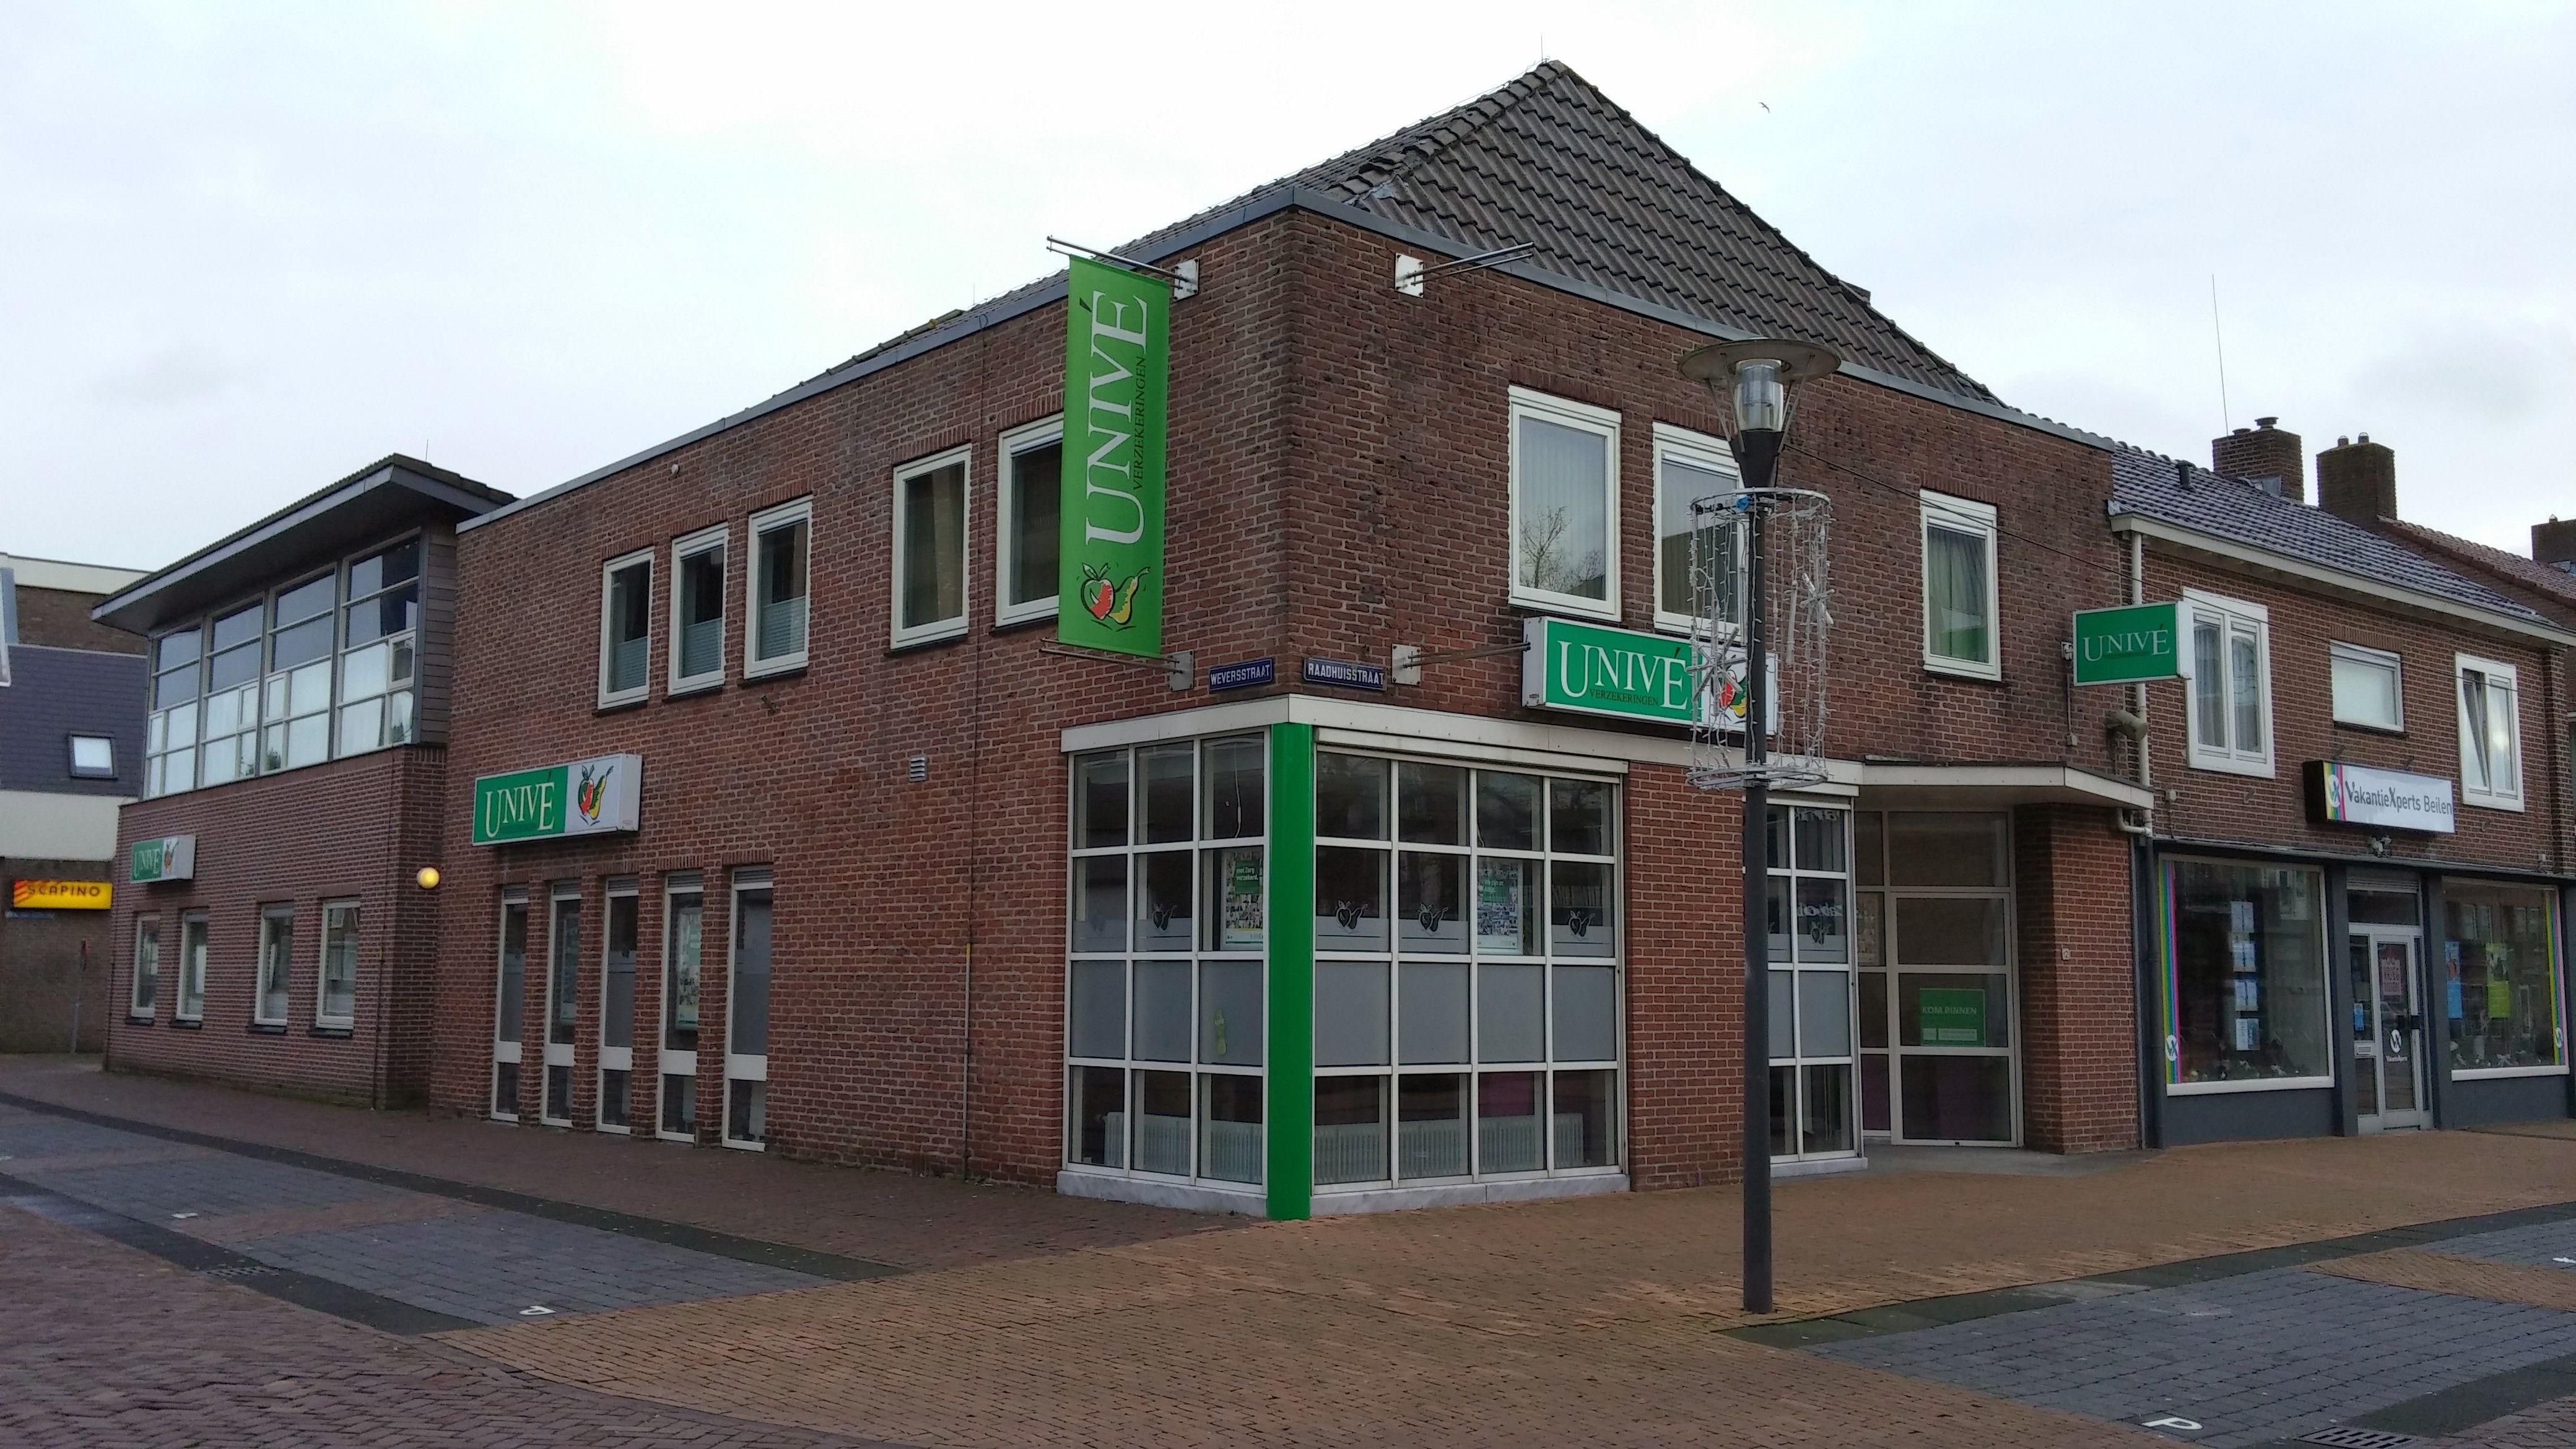 Univé Midden-Drenthe adverteert inmiddels ook alweer voor het 5de jaar achtereen op Koopplein Midden-Drenthe. Autoverzekeringen, reisverzekeringen, bromfietsverzekeringen, rechtsbijstandverzekeringen, zorgverzekeringen etcetera.  De verzekeringen van Univé: Geen zorgen: u heeft 14 dagen bedenktijd.  De verzekeraar zonder winstoogmerk: daar plukt U de vruchten van! http://koopplein.nl/middendrenthe/zaken-en-kantoor